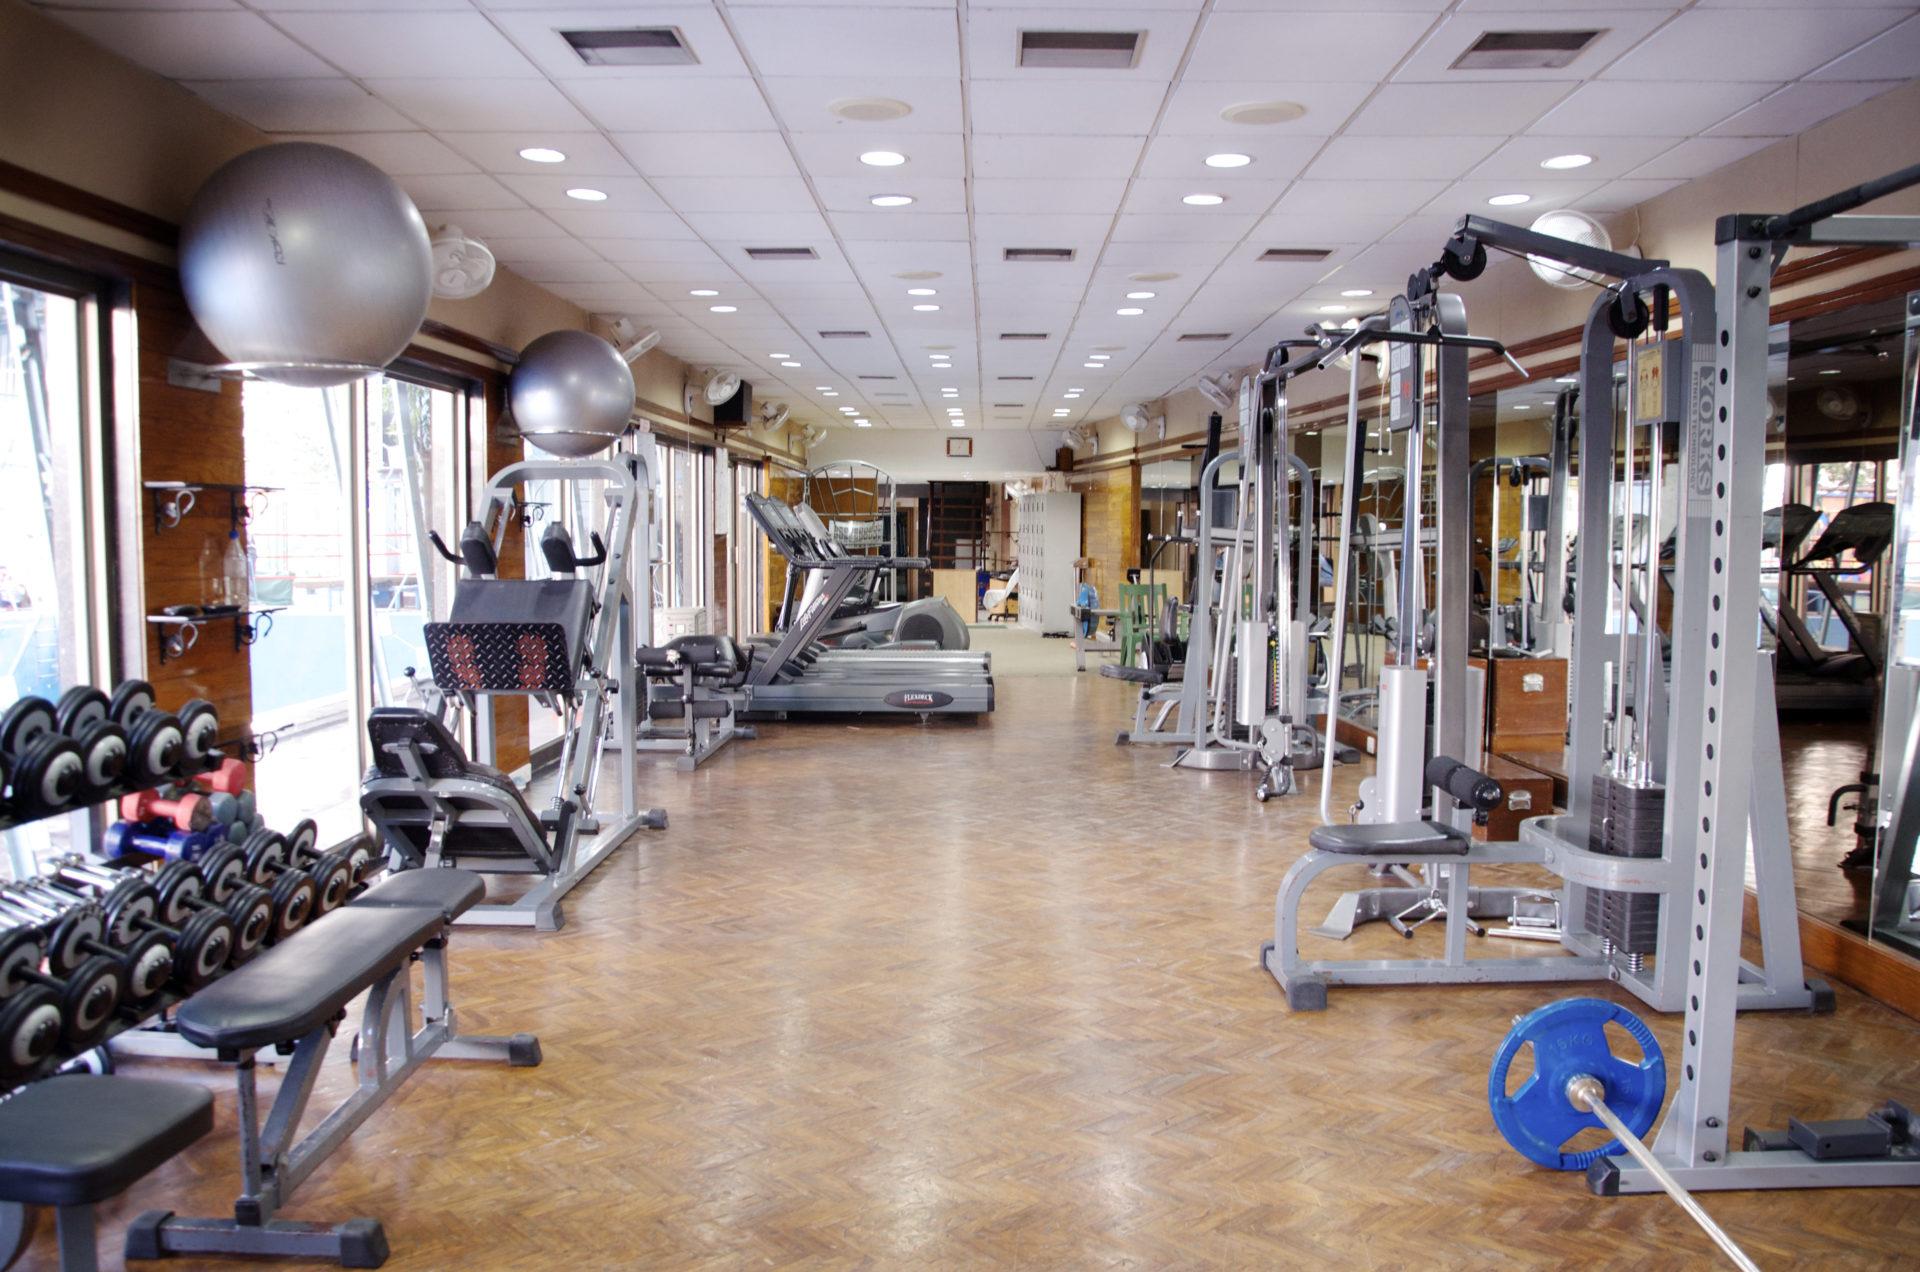 Бизнес-план тренажерного зала. как открыть спортивный зал с тренажерами с нуля